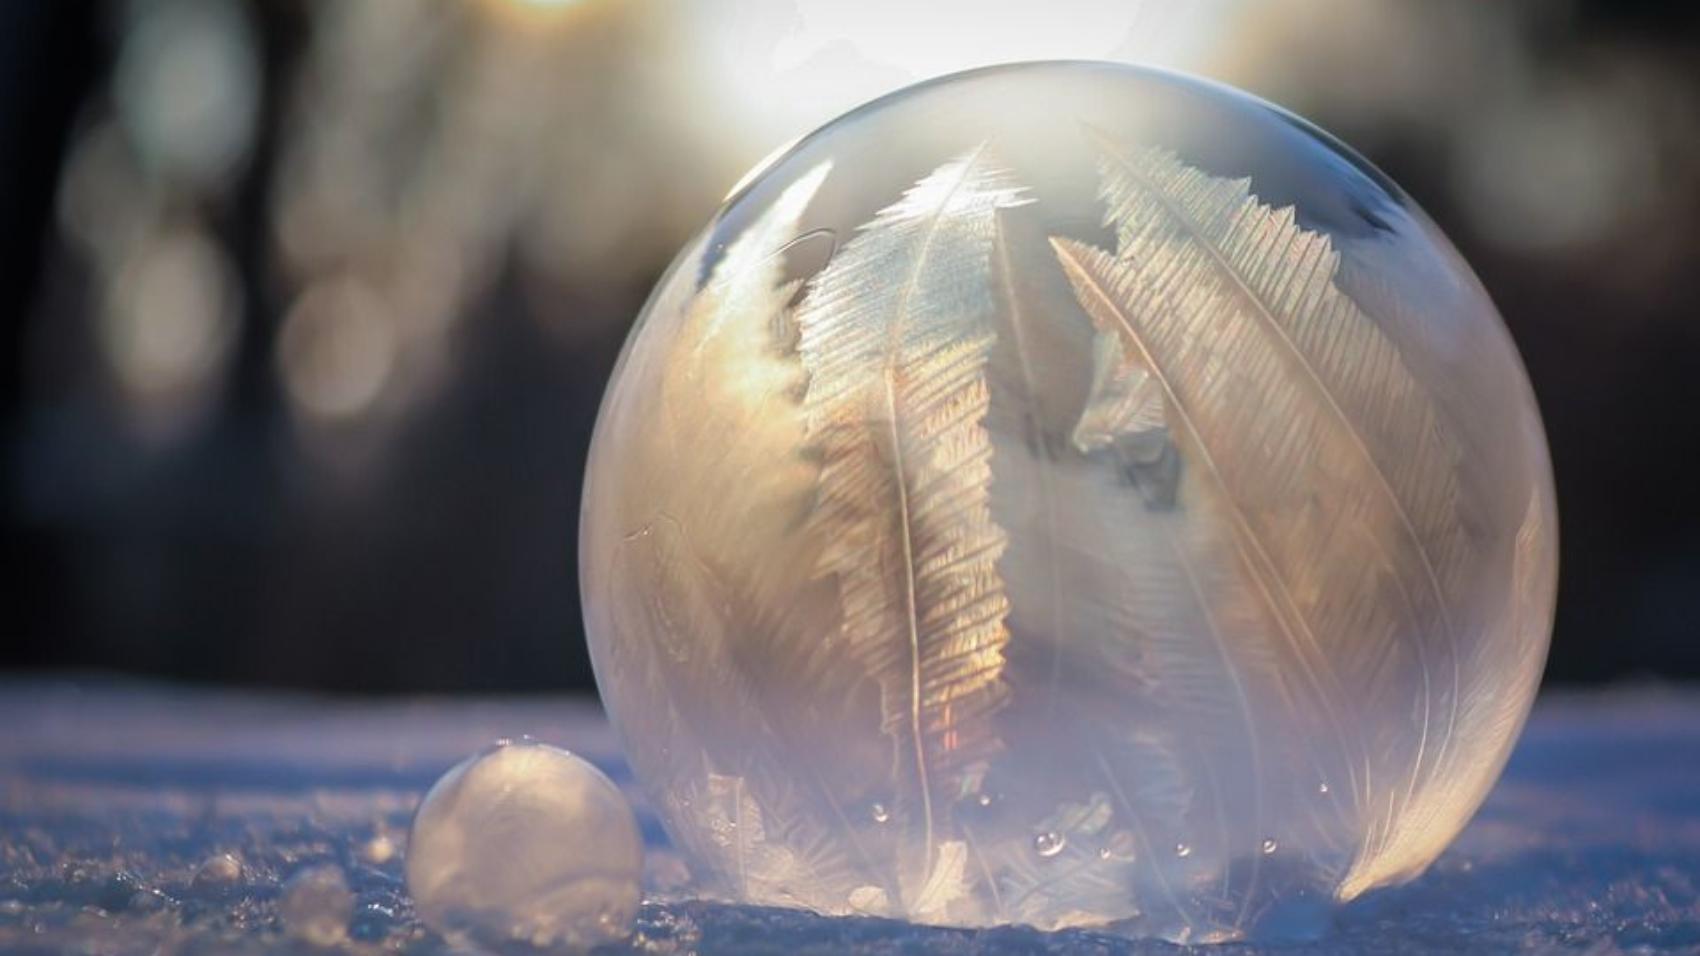 frozen-bubble-4703446_960_720